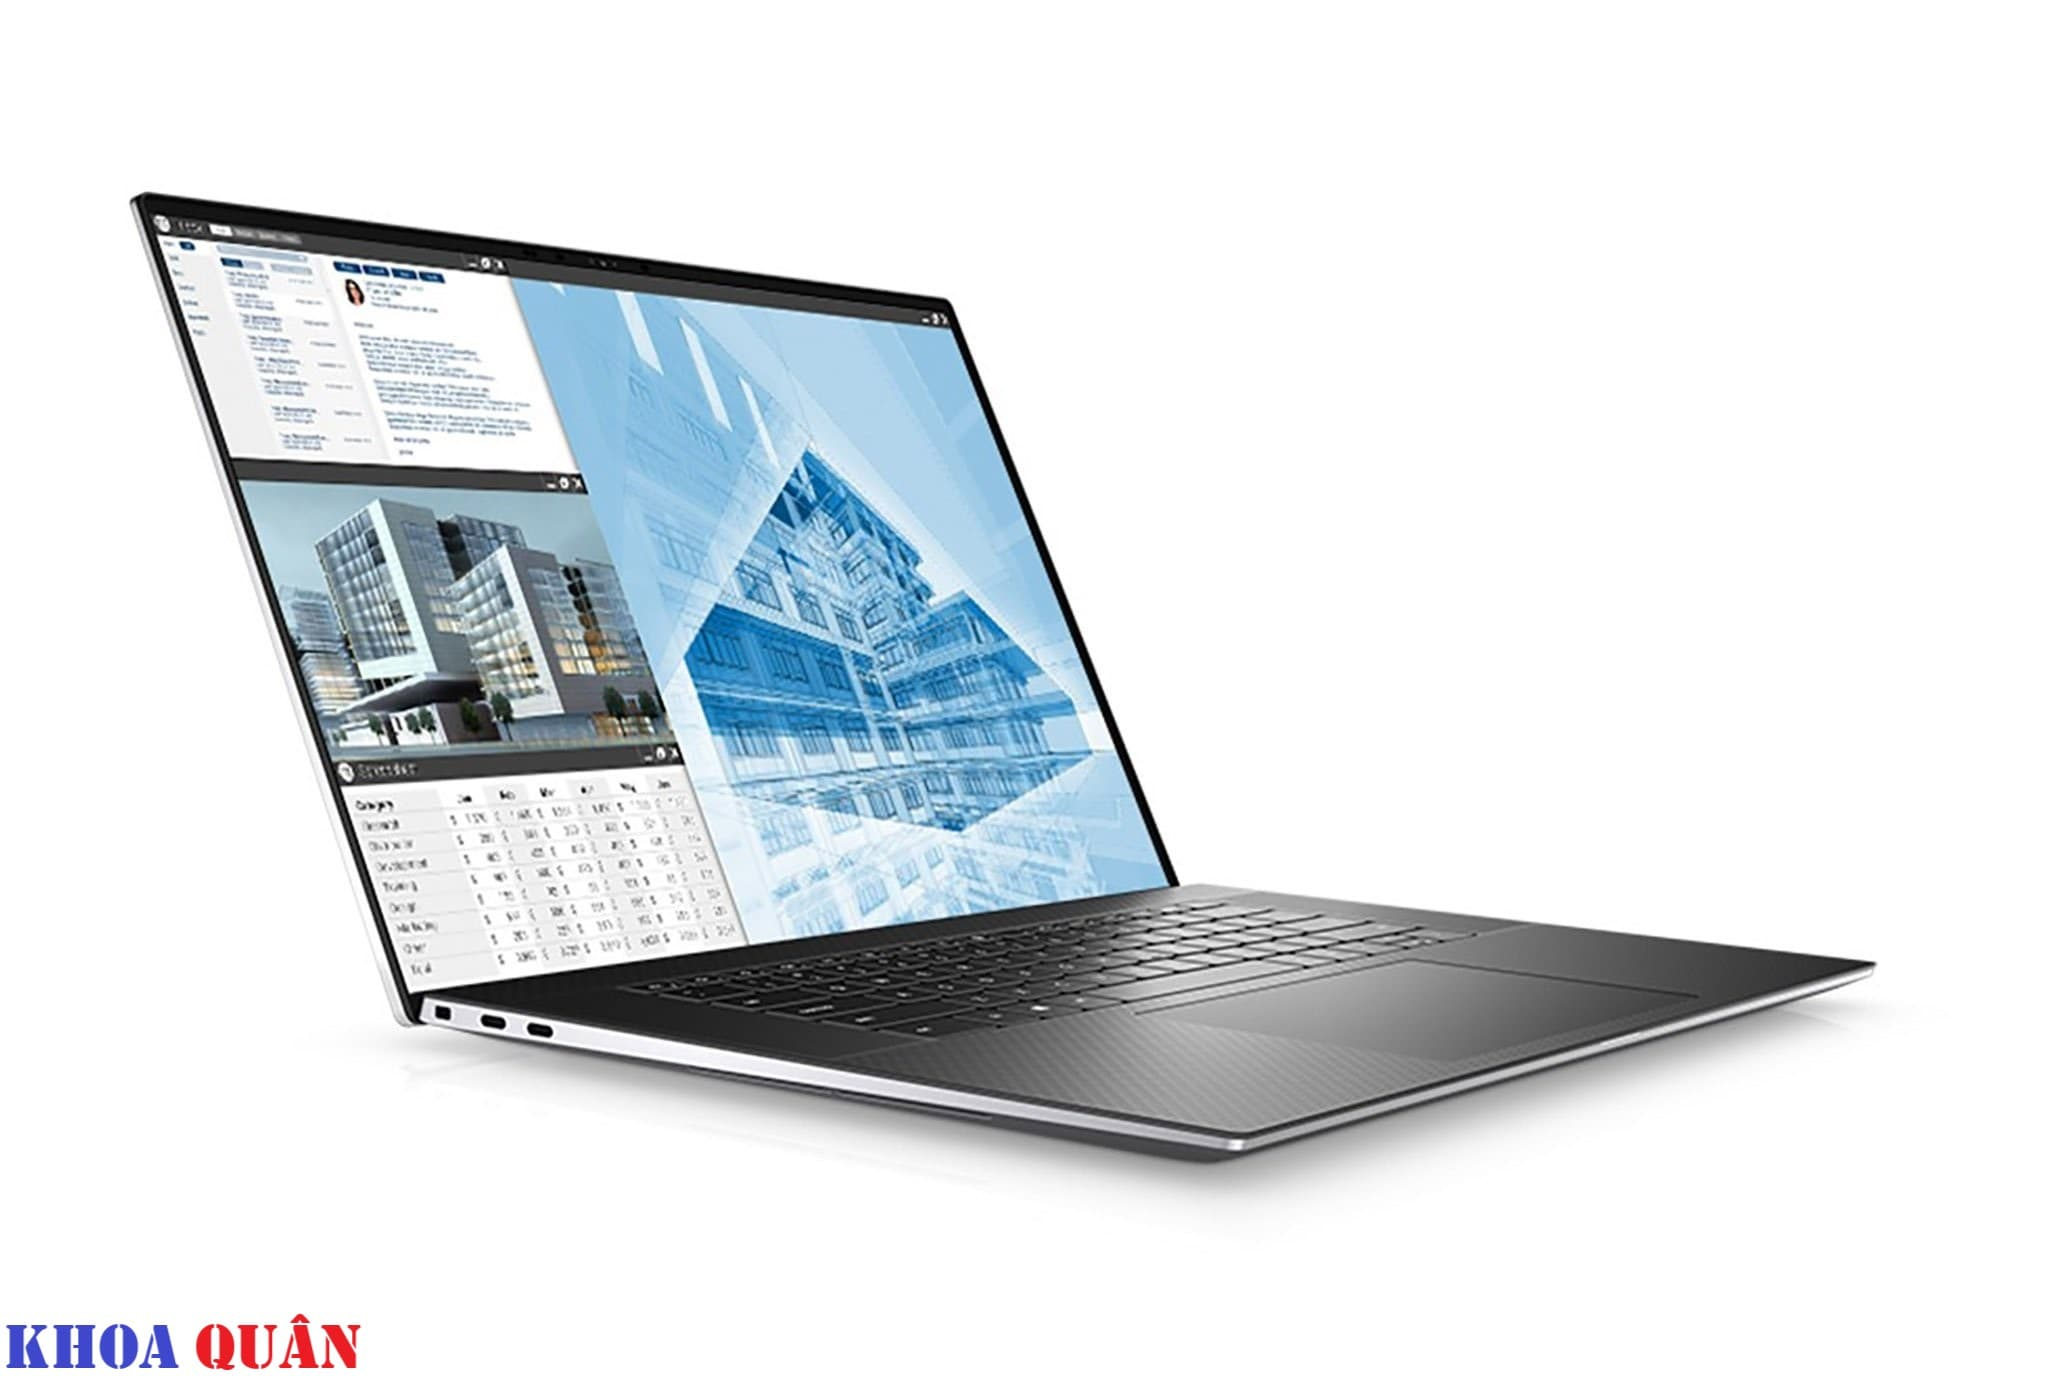 Bạn có nên mua máy trạm Precision 5750 của Dell không?